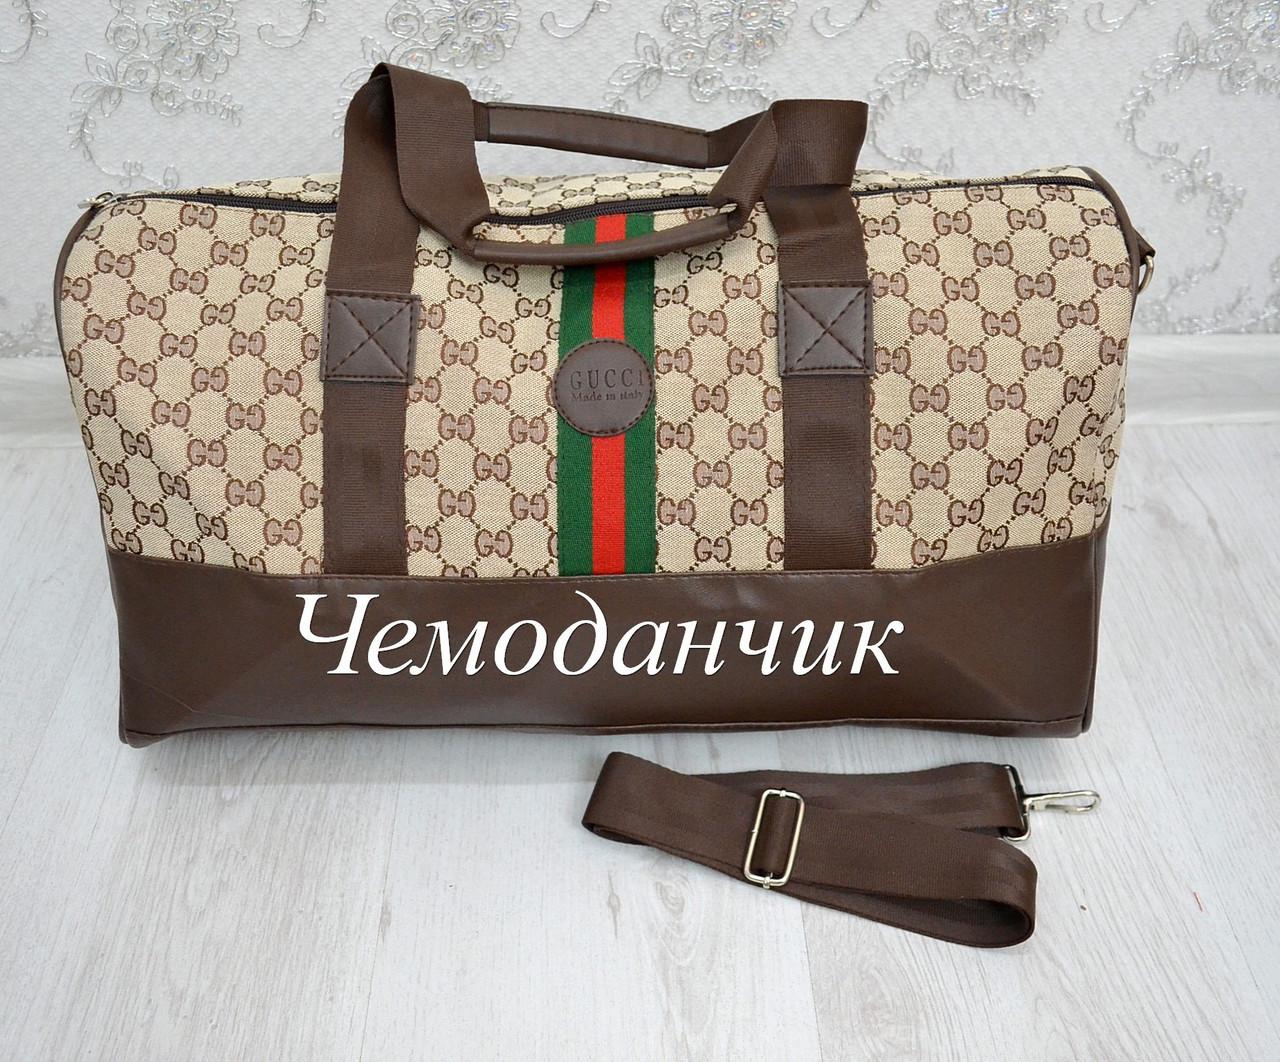 85589d6c Дорожная сумка GUCCI Гуччи - ЧЕМОДАНЧИК - самые красивые сумочки по самой  приятной цене! в: